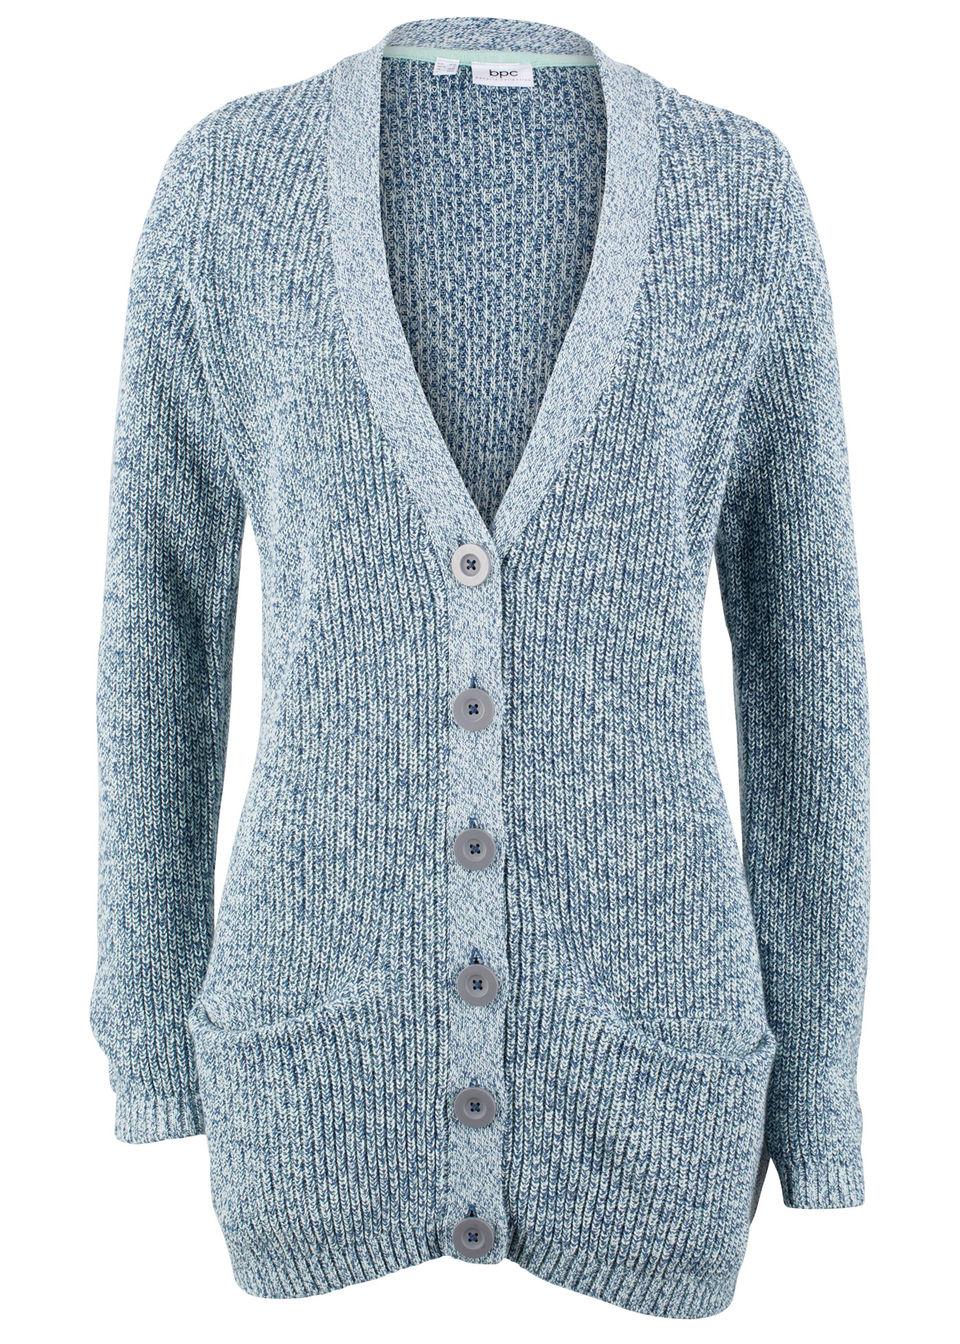 dfec48c3cb09 Pletený sveter s vreckami